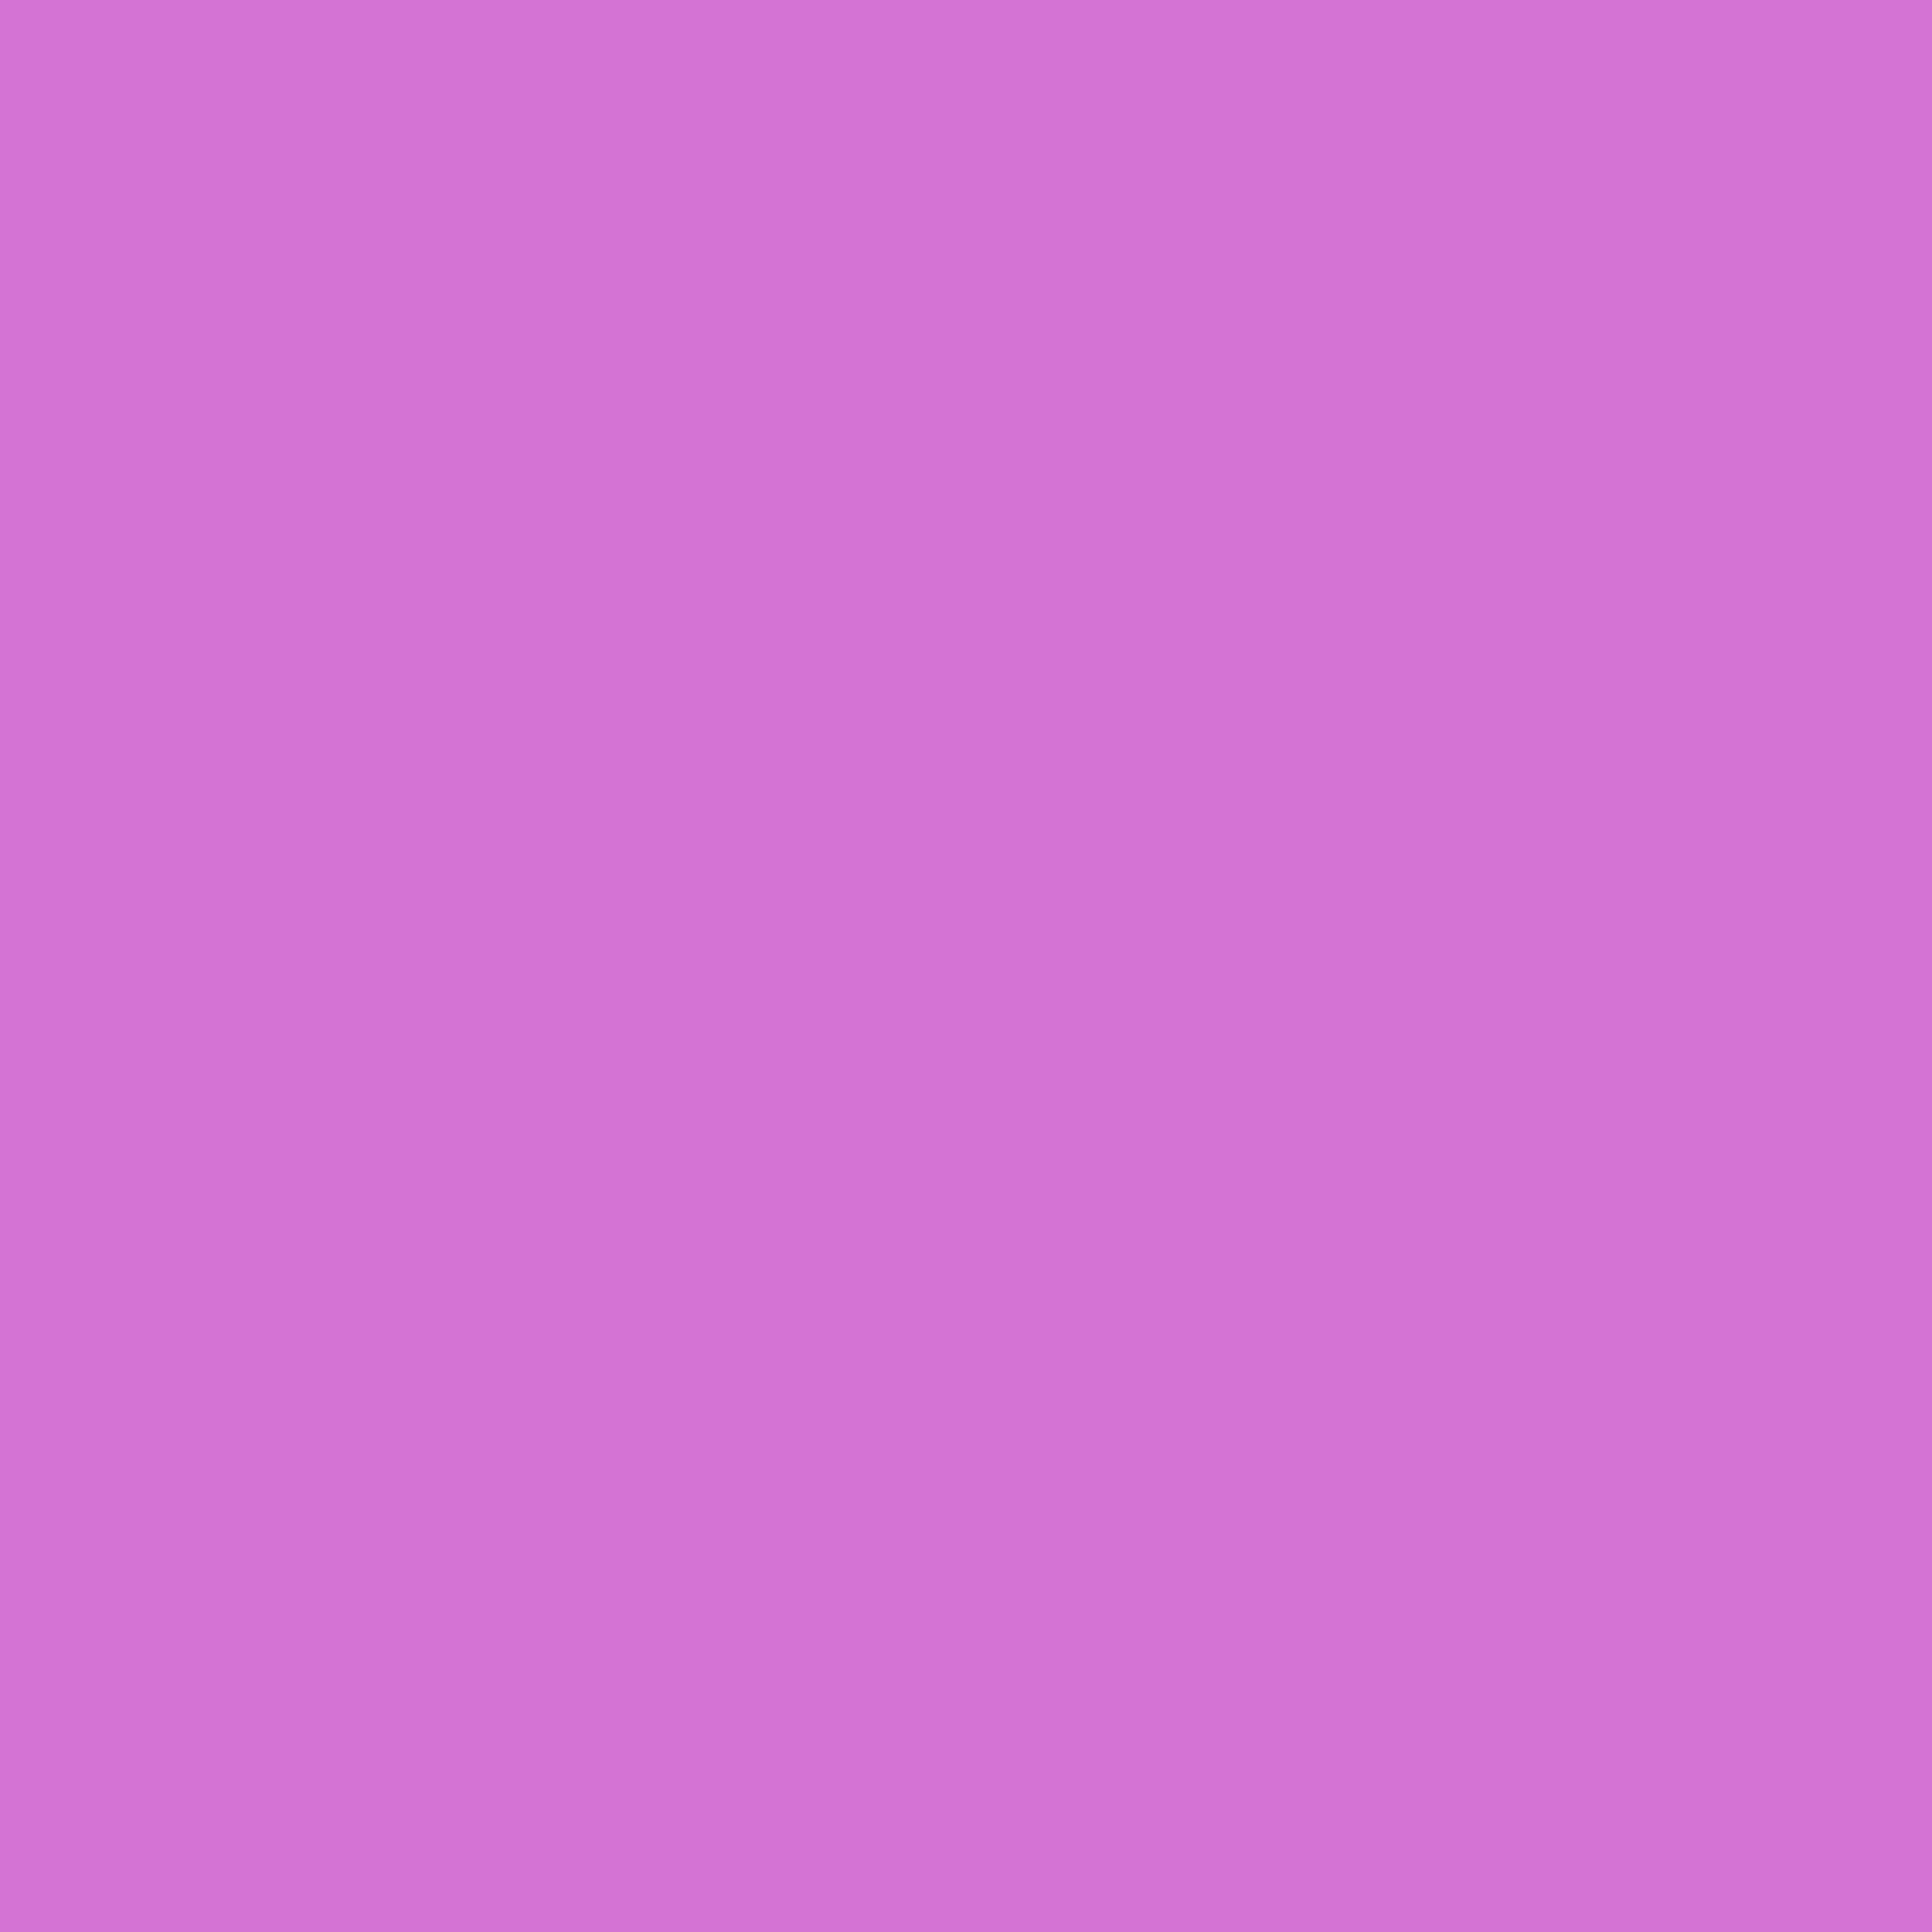 2732x2732 Deep Mauve Solid Color Background